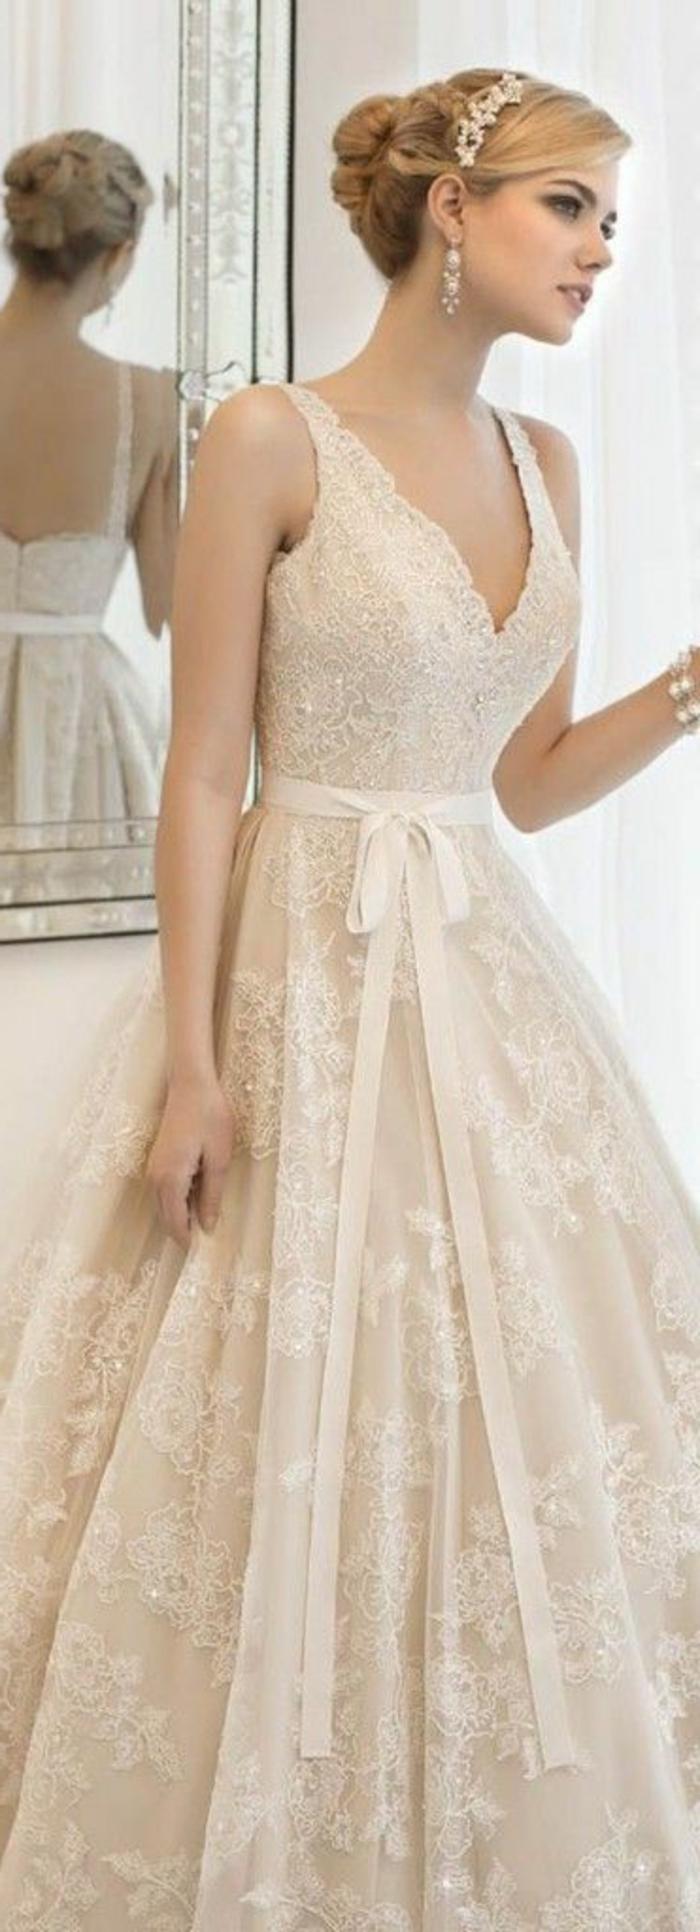 robe de mariée colorée, robe bouffante bustier coiffure chignon avec diadème